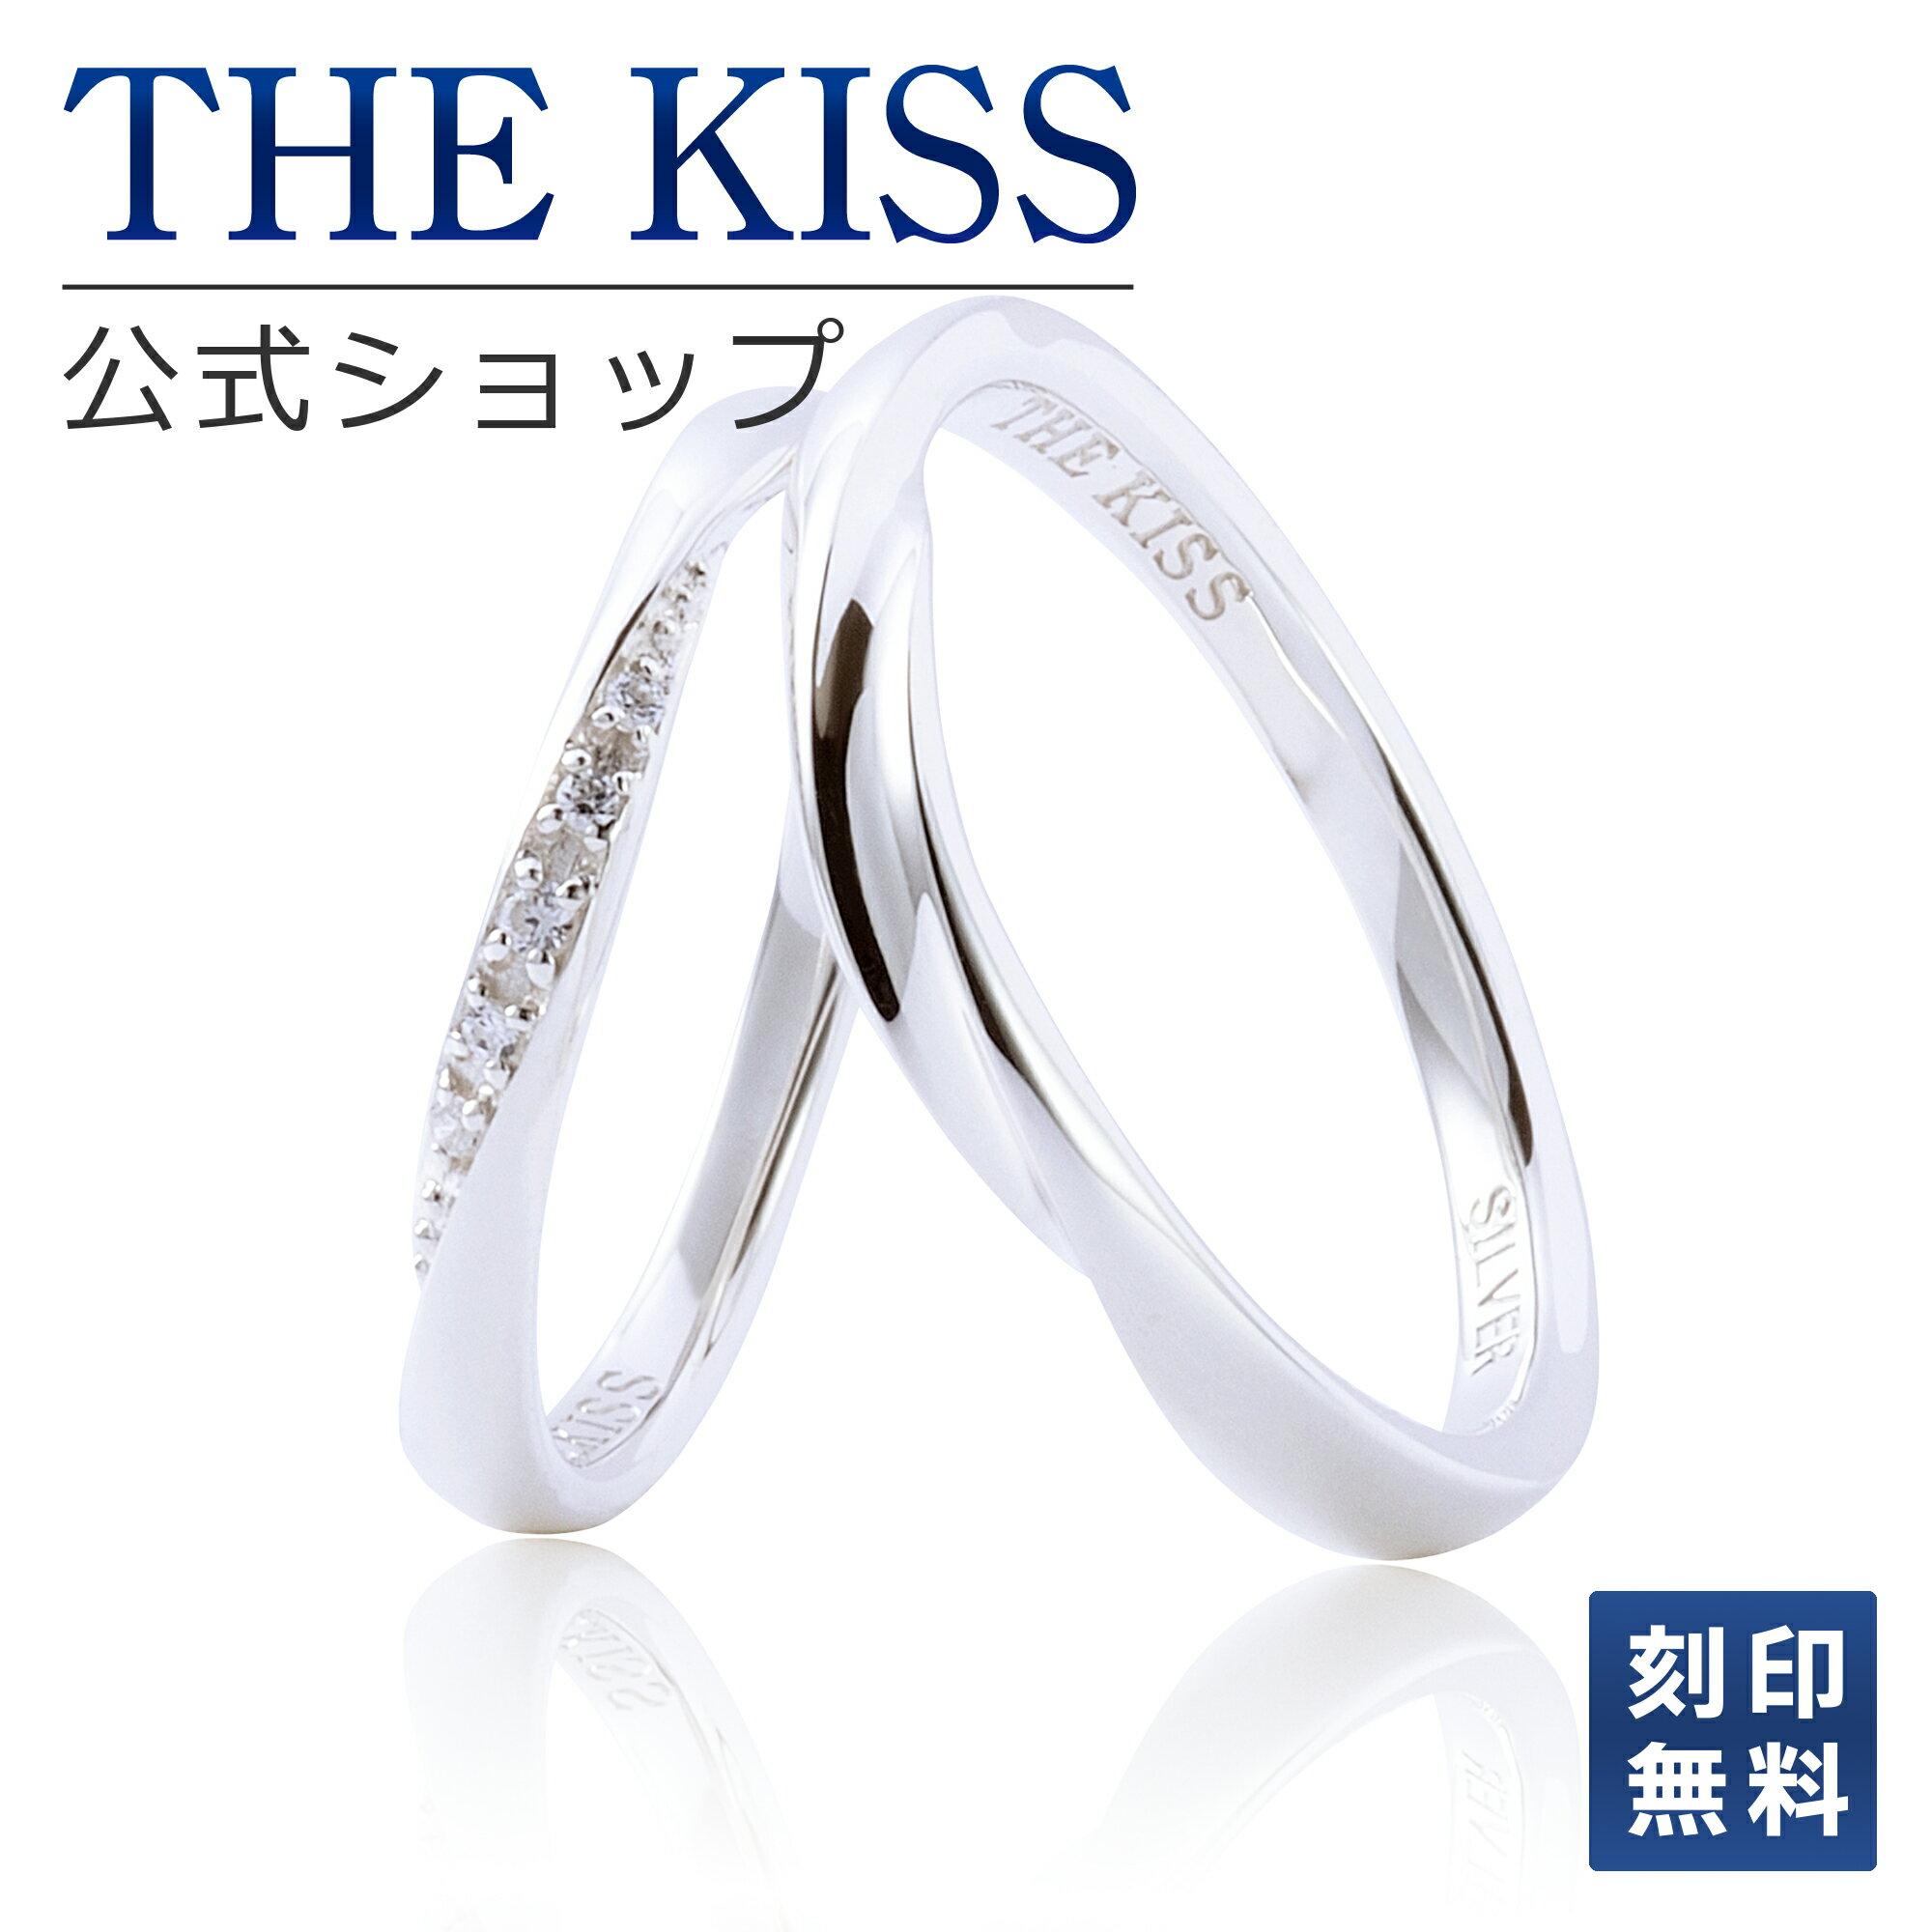 THE KISS 公式サイト シルバー ペアリング ペアアクセサリー カップル に 人気 の ジュエリーブランド THEKISS ペア リング・指輪 記念日 プレゼント SR1844CB-1845 ザキス 【送料無料】